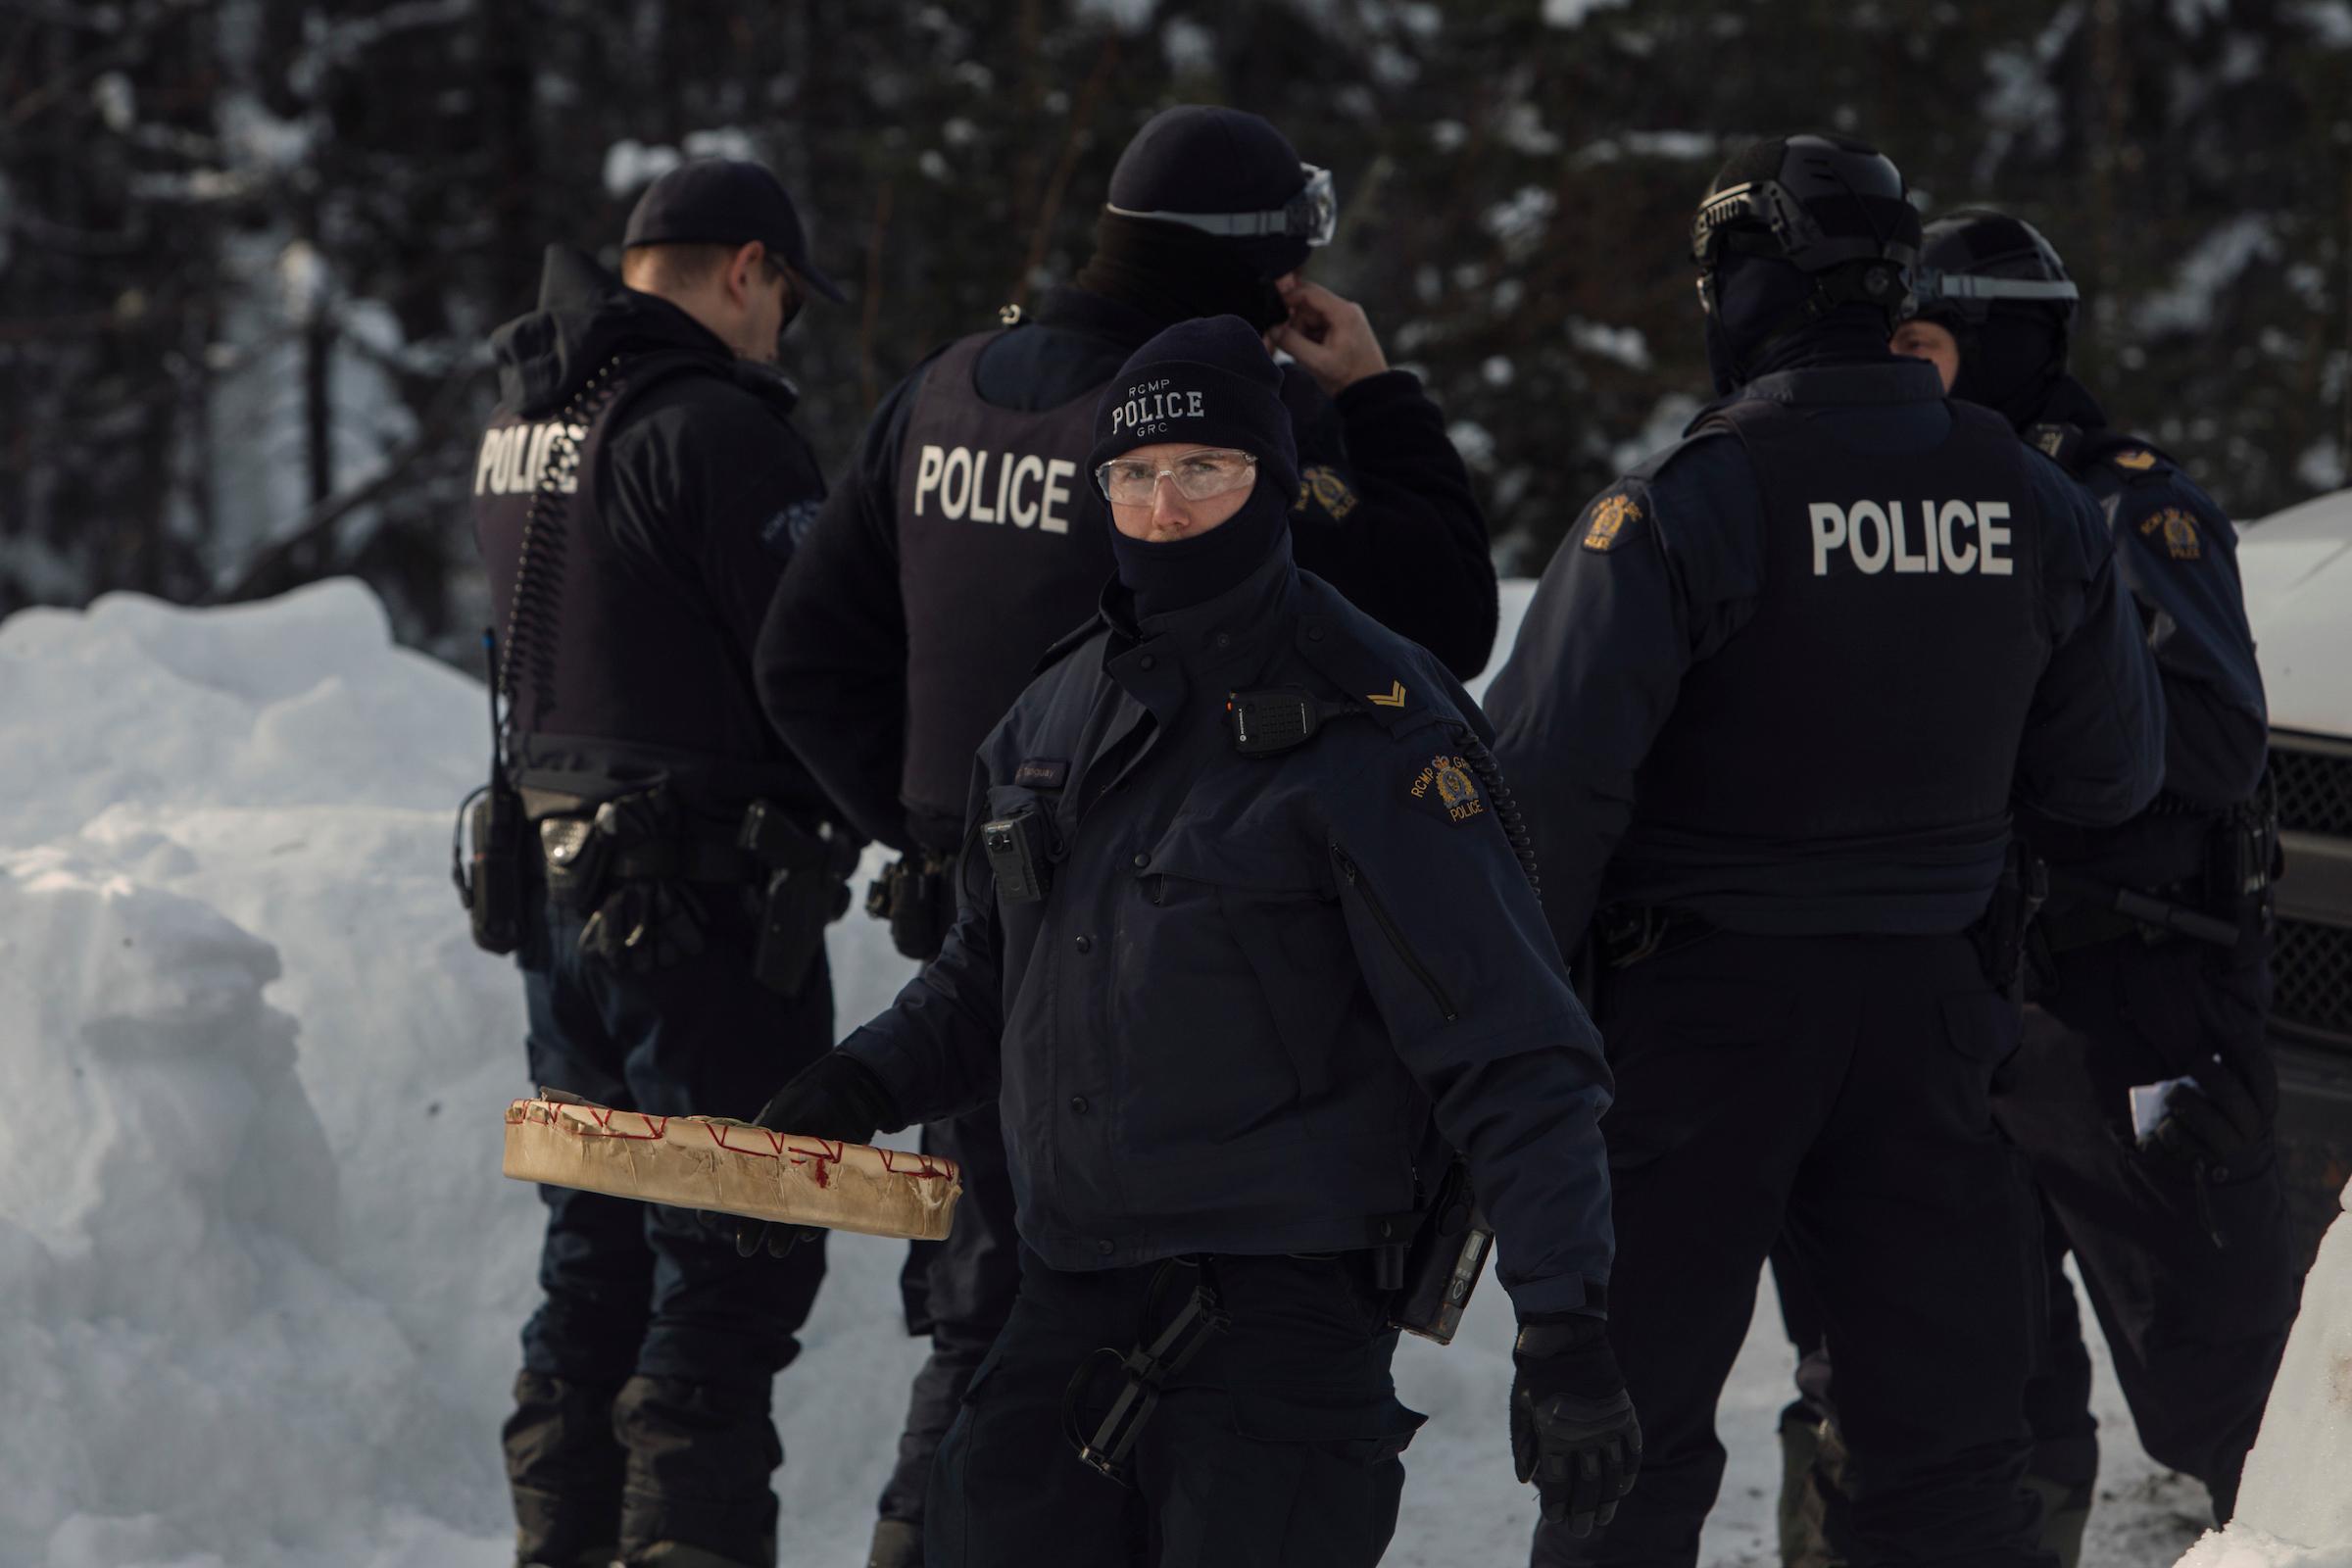 RCMP Coastal GasLink injunction arrests Unist'ot'en camp